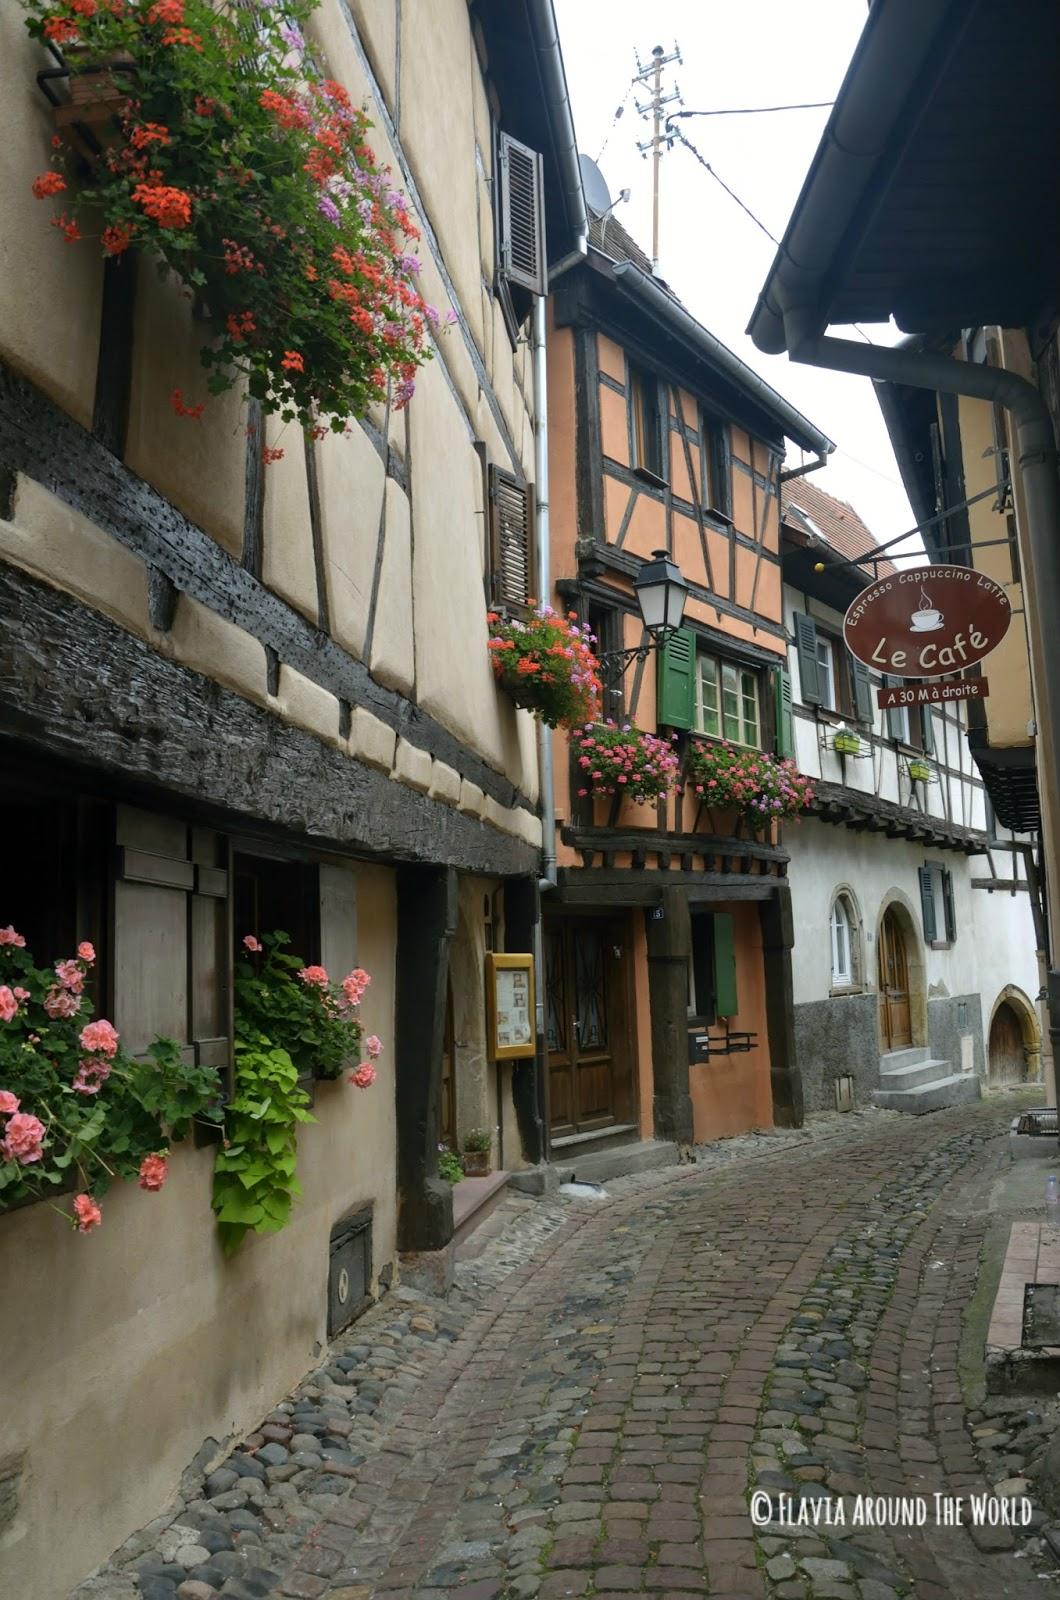 Calle de Eguisheim